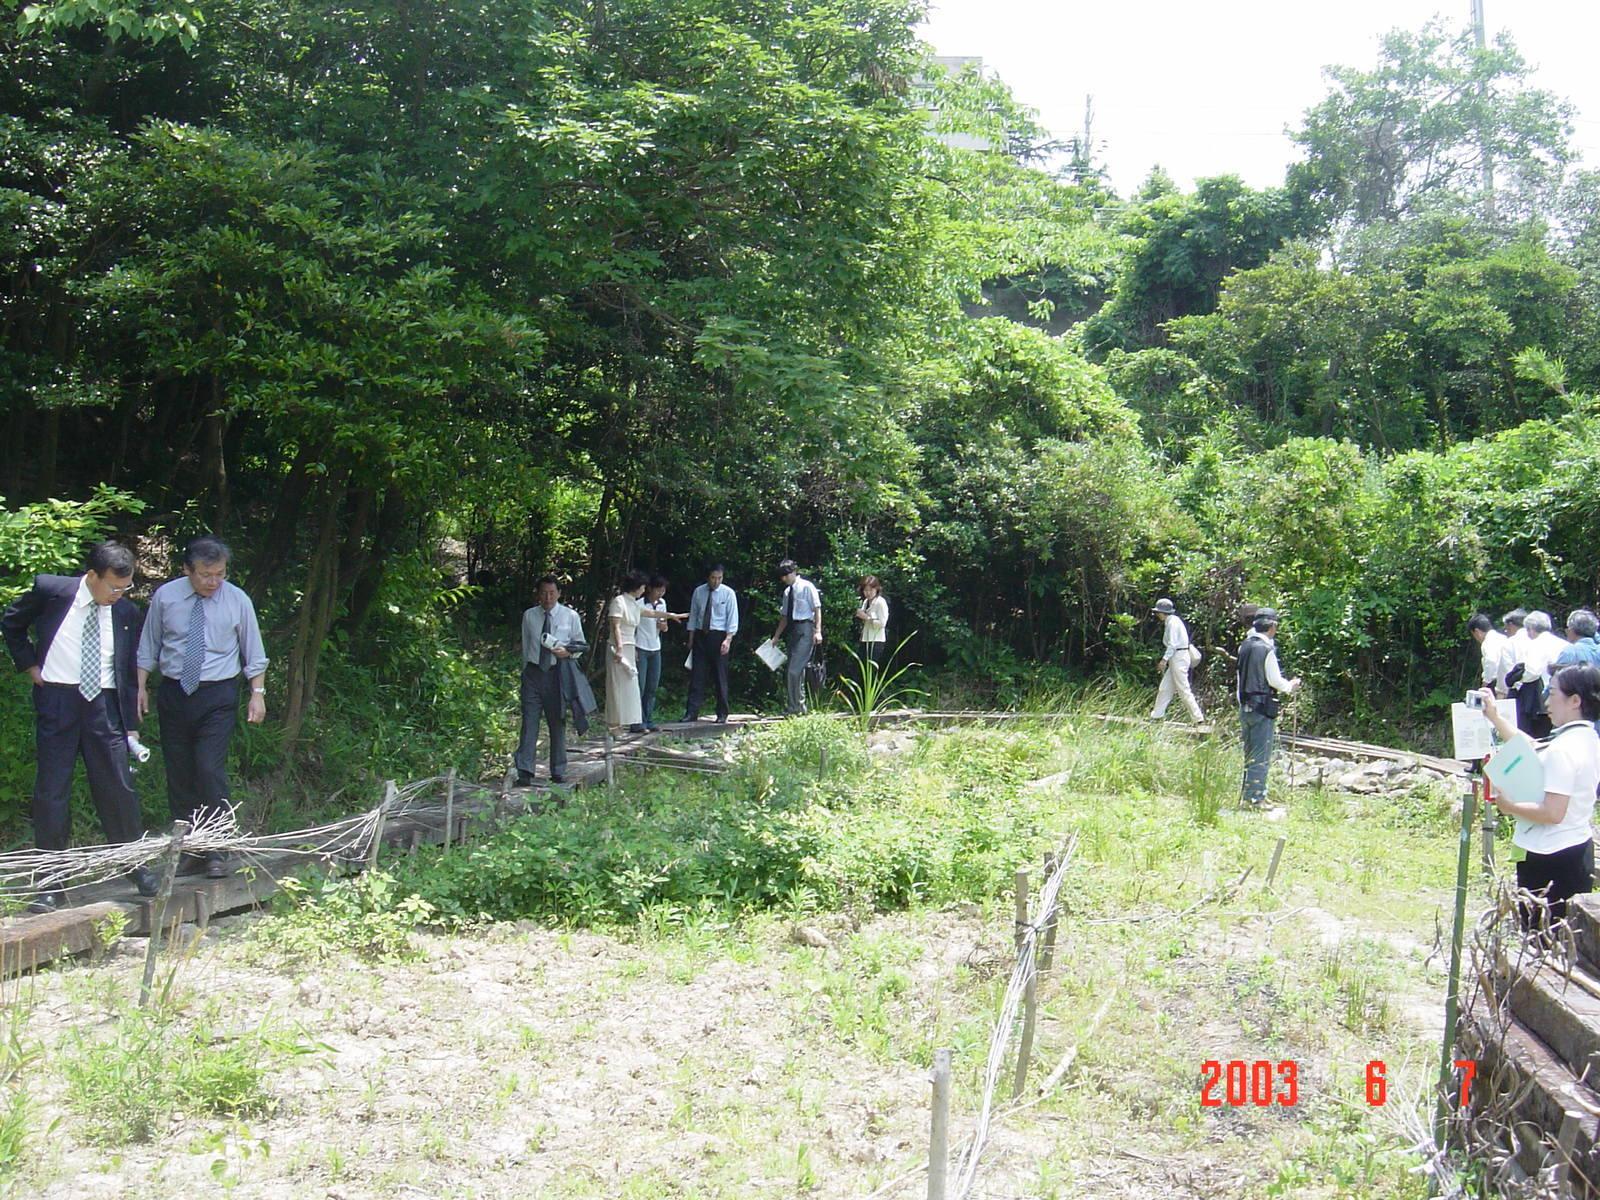 うみべの森の歴史⑬「2003年6月の活動」_c0108460_12110208.jpg